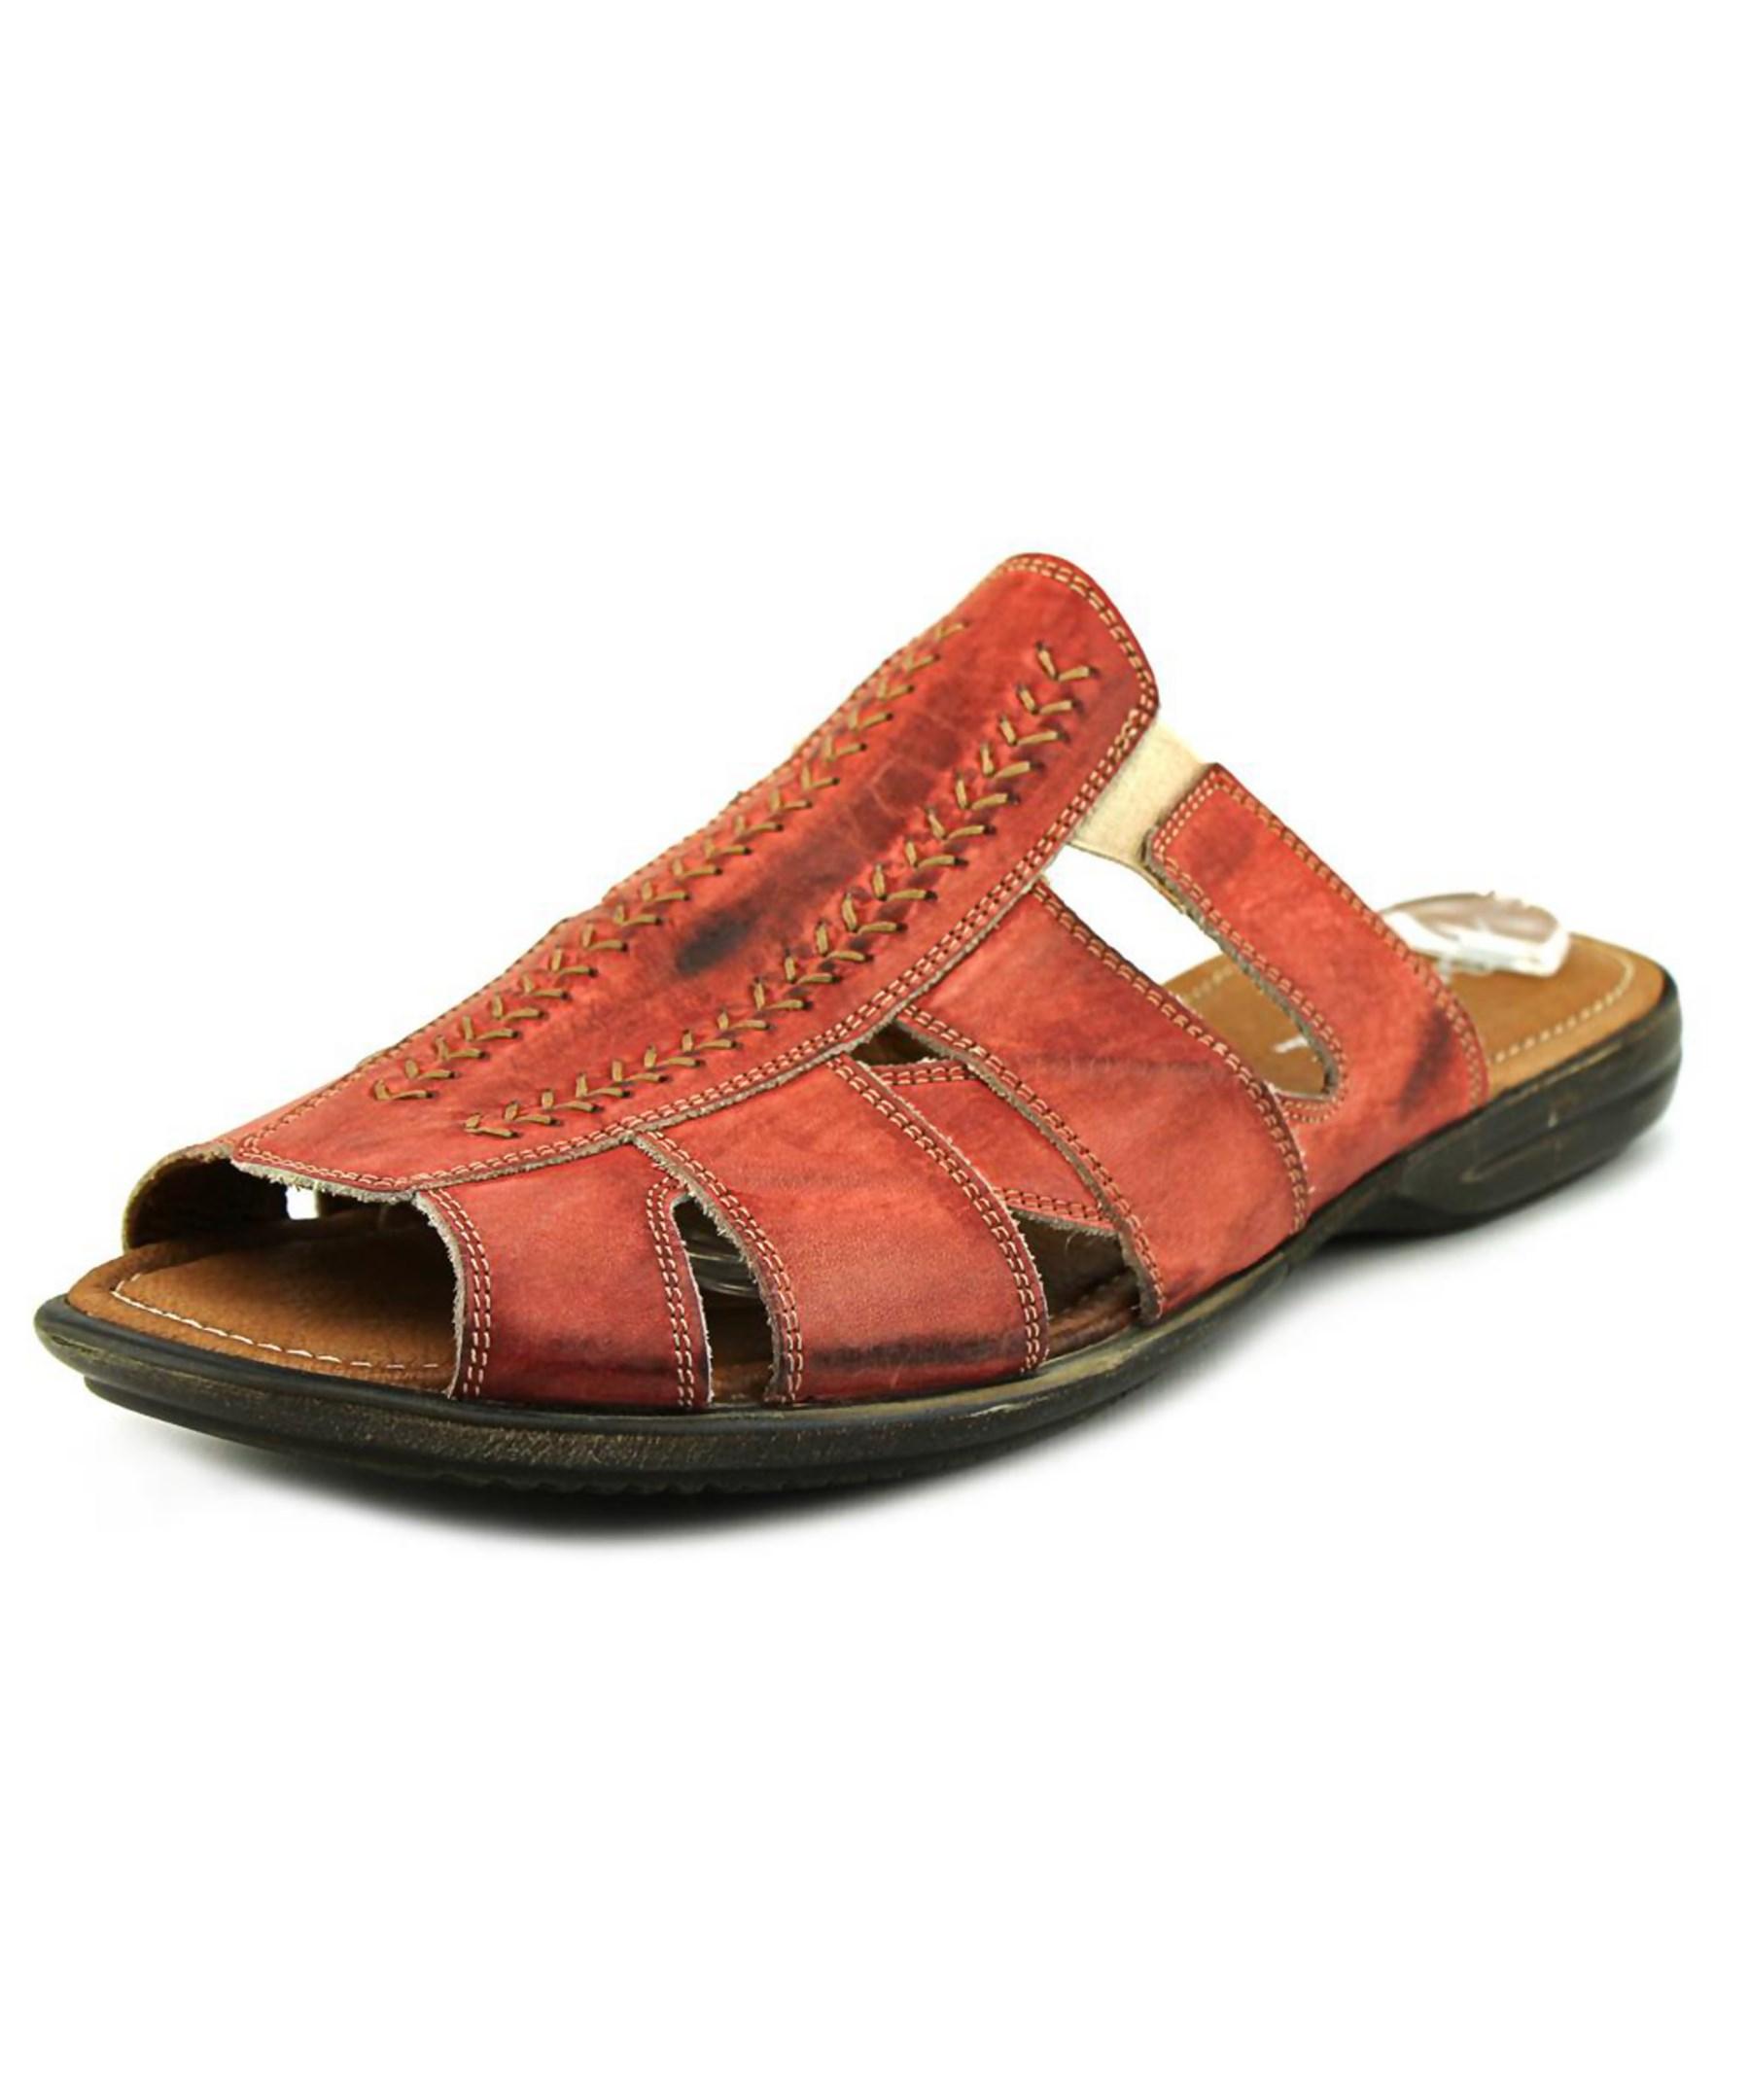 Bacco Bucci Neto Men Open Toe Leather Slides Sandal In Red